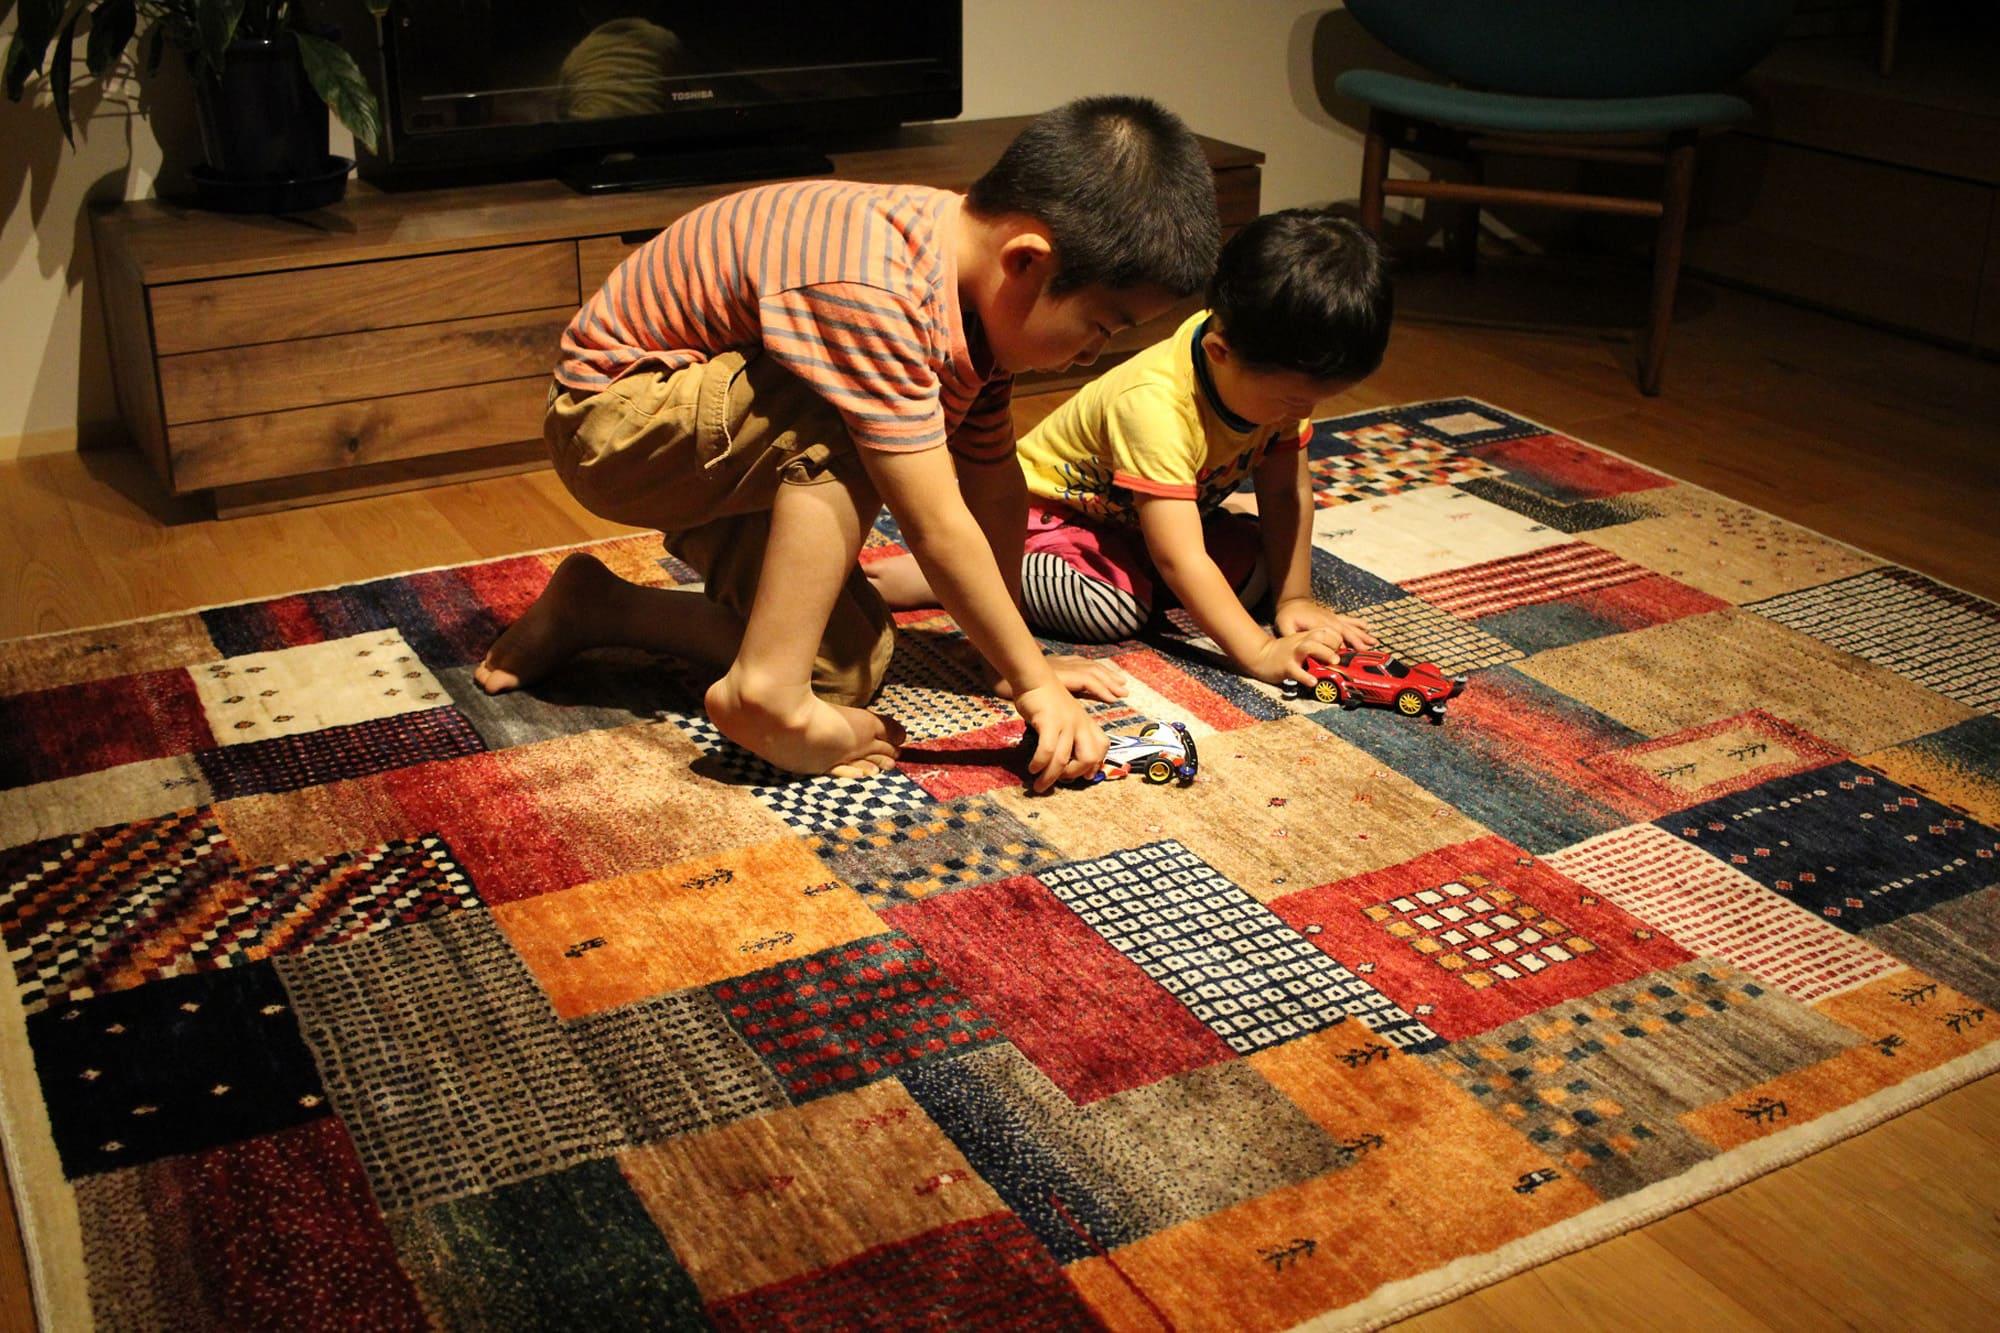 ギャッベで子ども達が遊んでいる